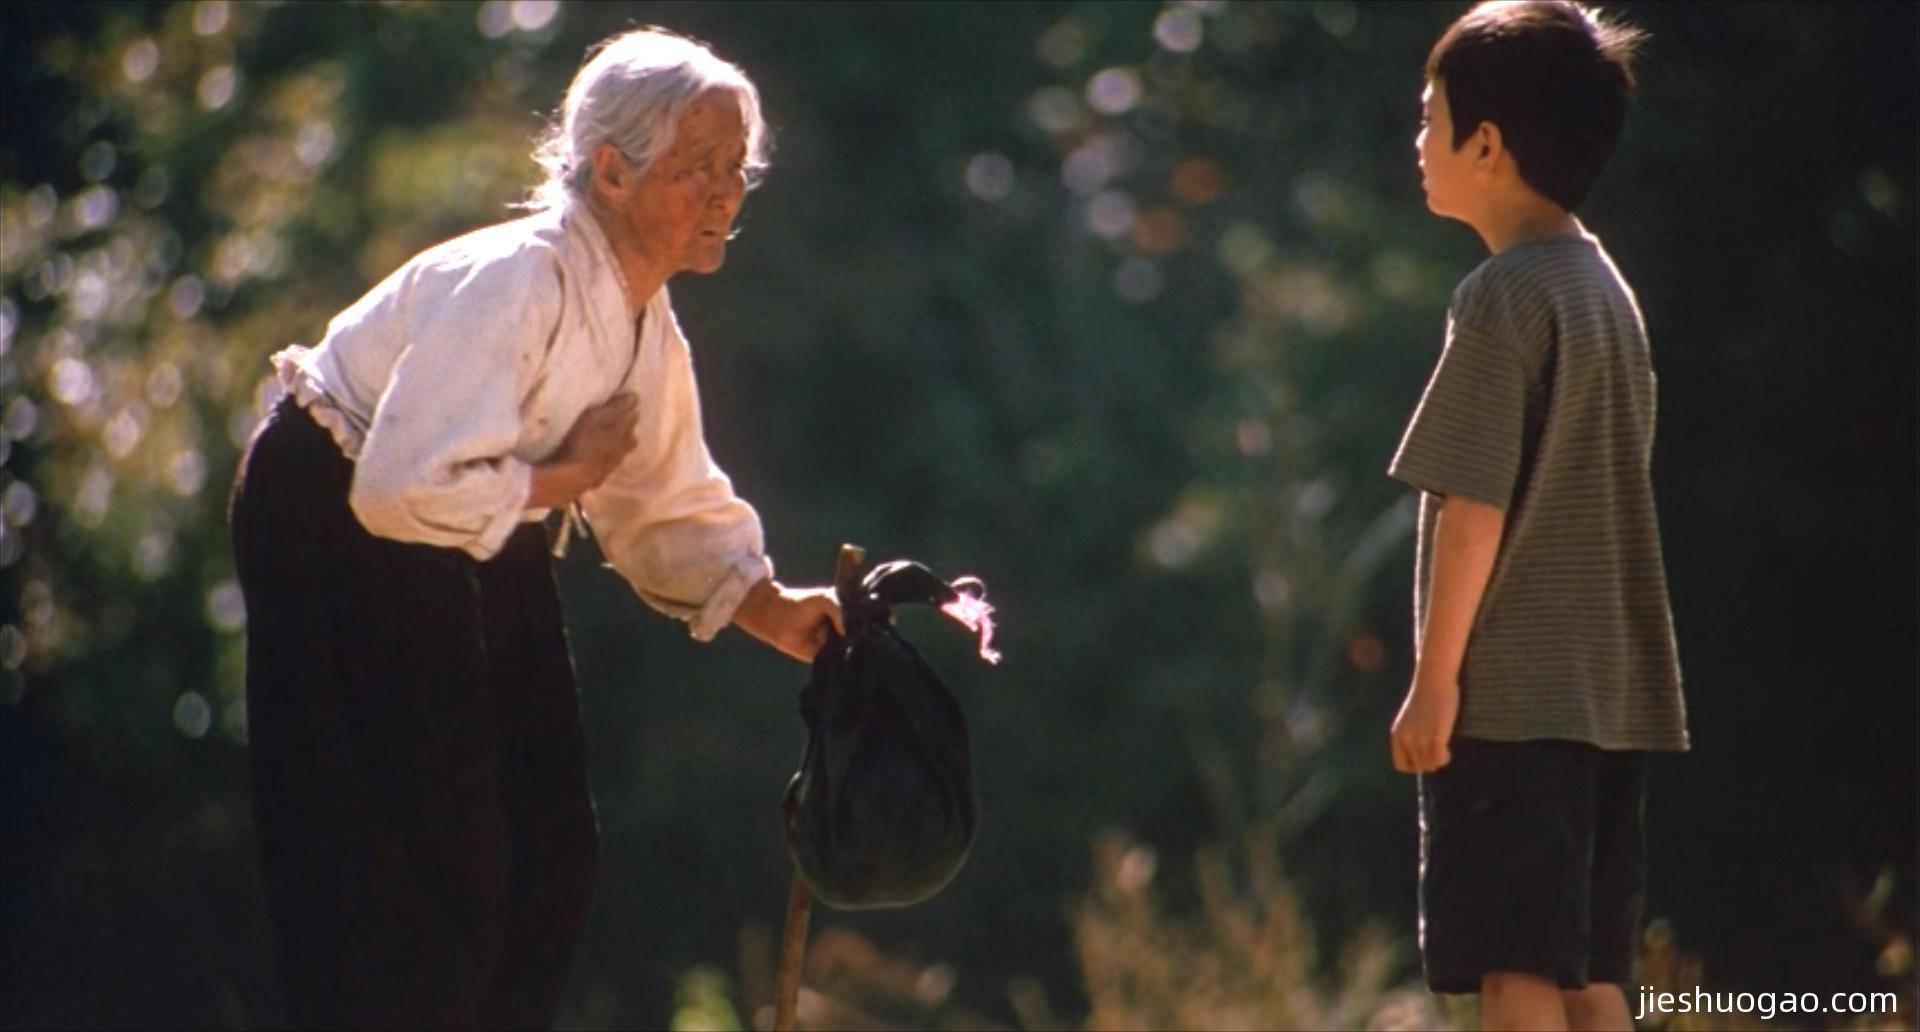 城里的孩子,乡下的外婆 |《外婆的家》8分钟2810字解说稿-第8张图片